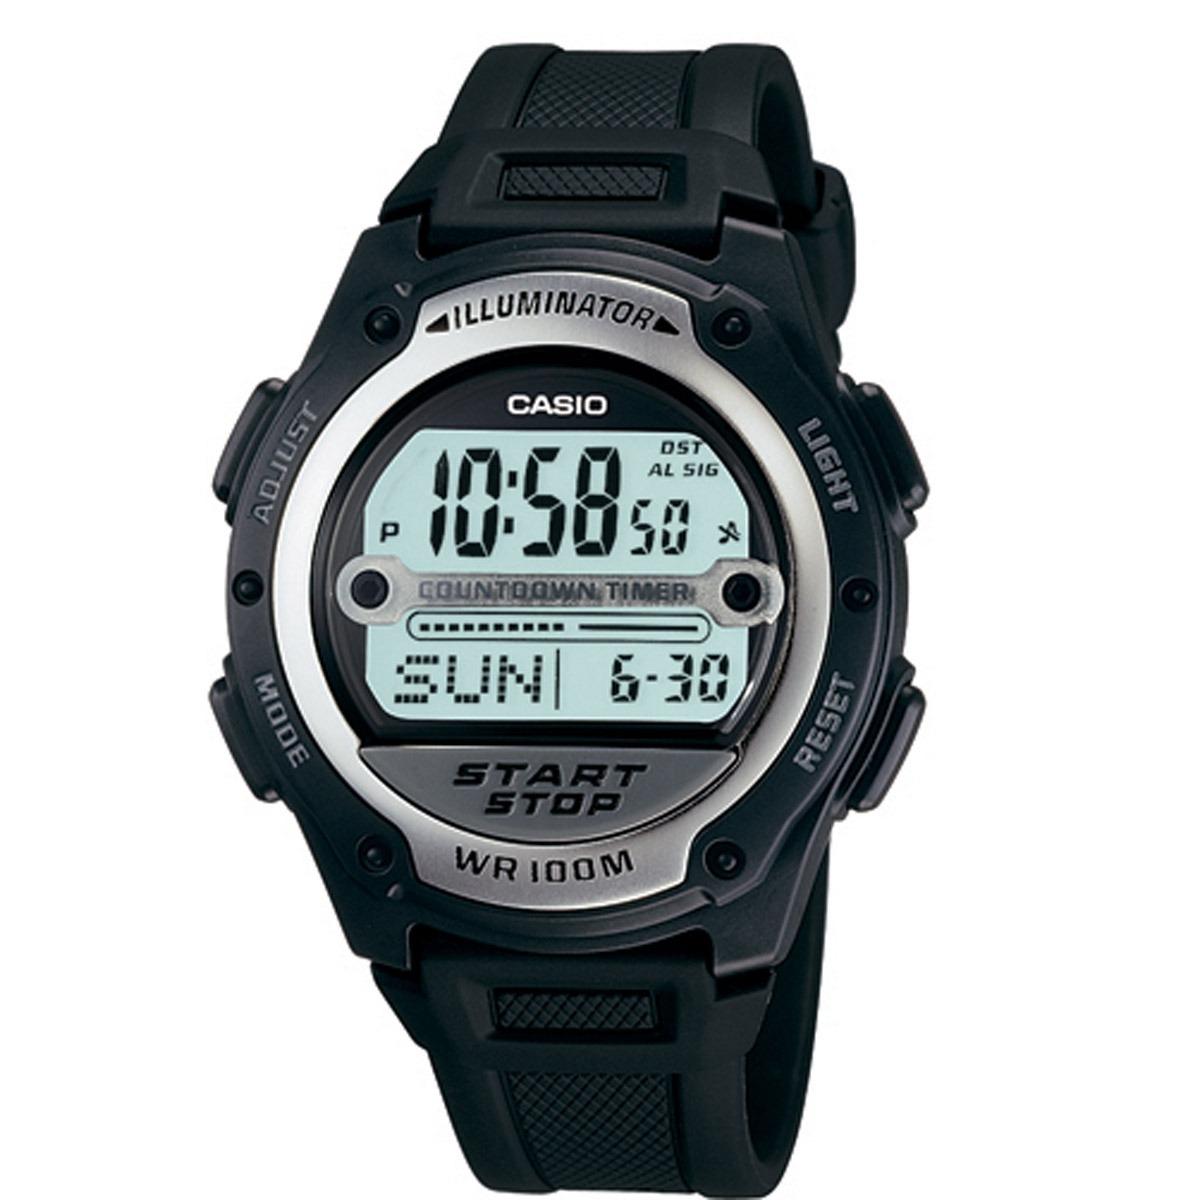 69a5098072c Relógio Casio Digital Masculino W-756-1avdf - R  219